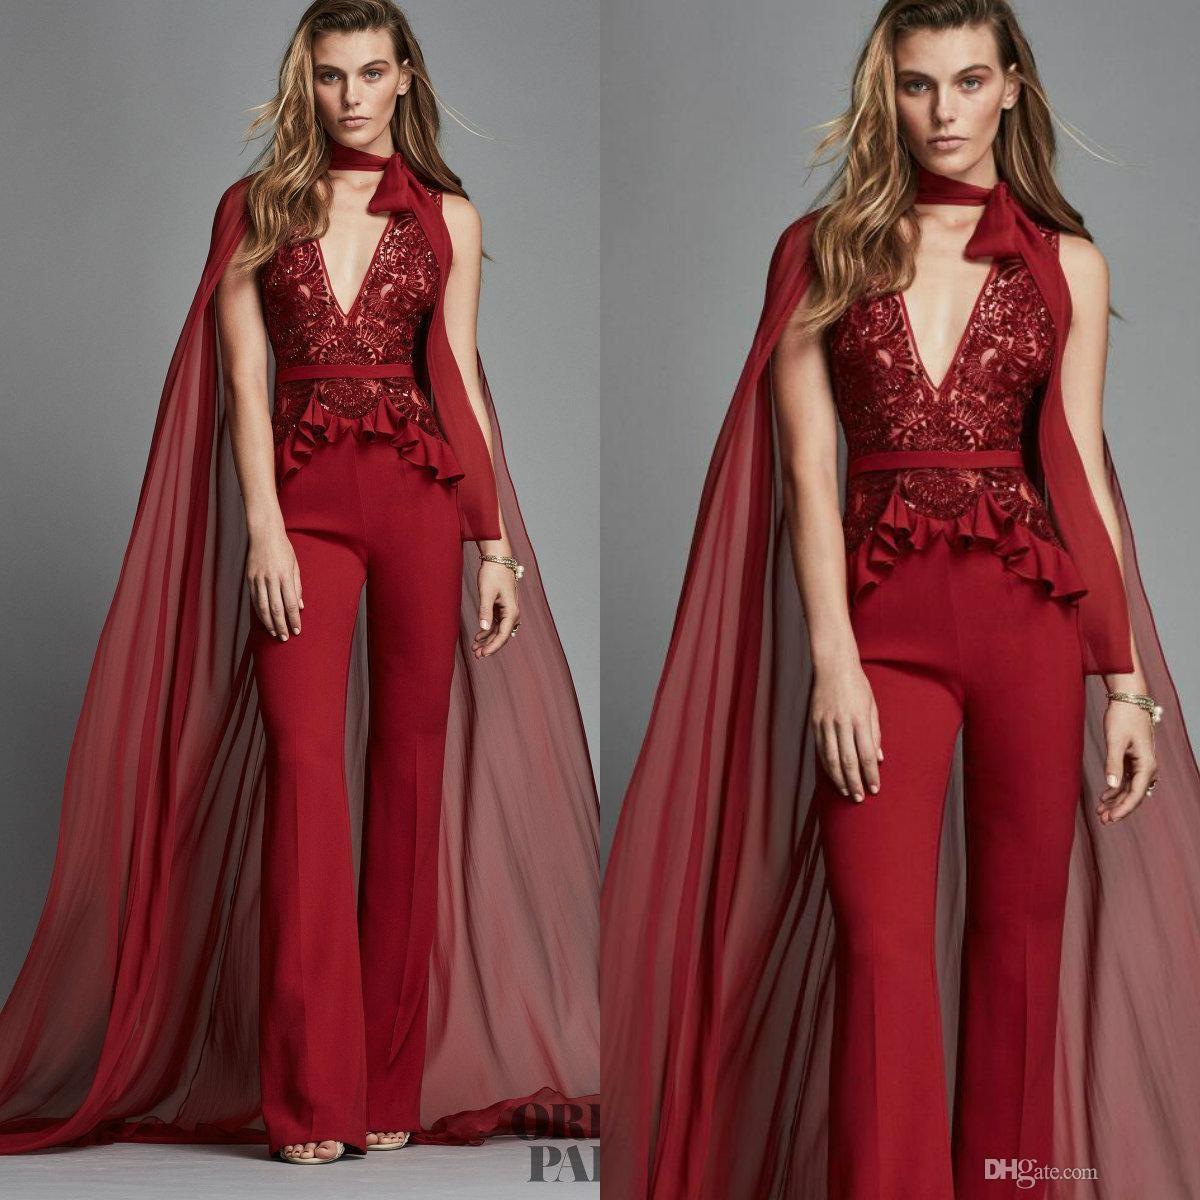 17 Luxurius Abendkleider Nach Mass Design20 Wunderbar Abendkleider Nach Mass Boutique